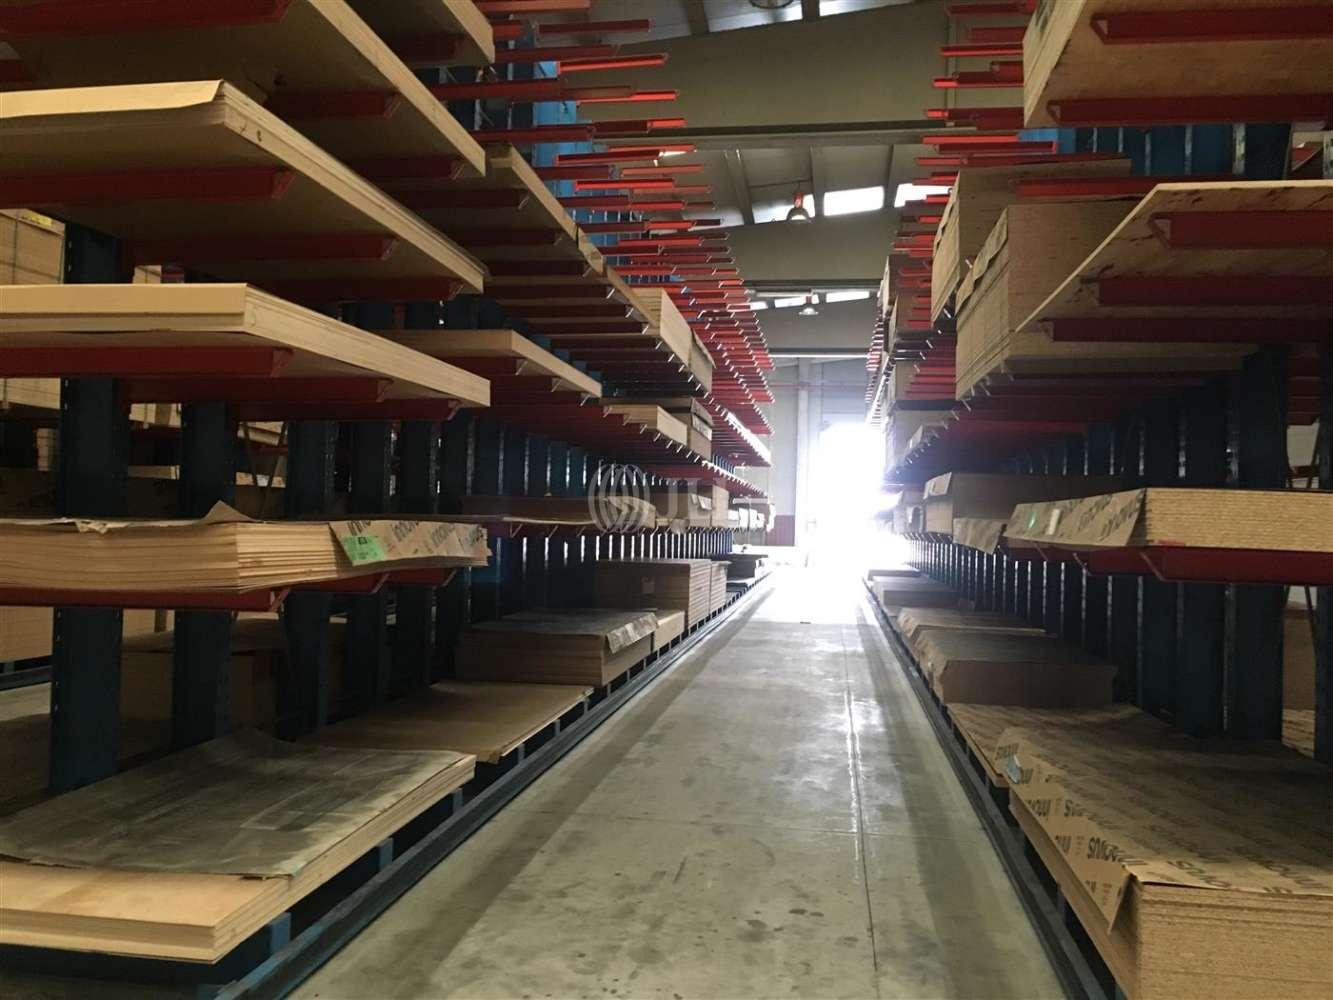 Naves industriales y logísticas Burgos, 09001 - Nave Industrial - B0489 NAVE INDUSTRIAL EN ALQUILER / VENTA - Pol. Ind. Villalonquéjar - BURGOS - 16919